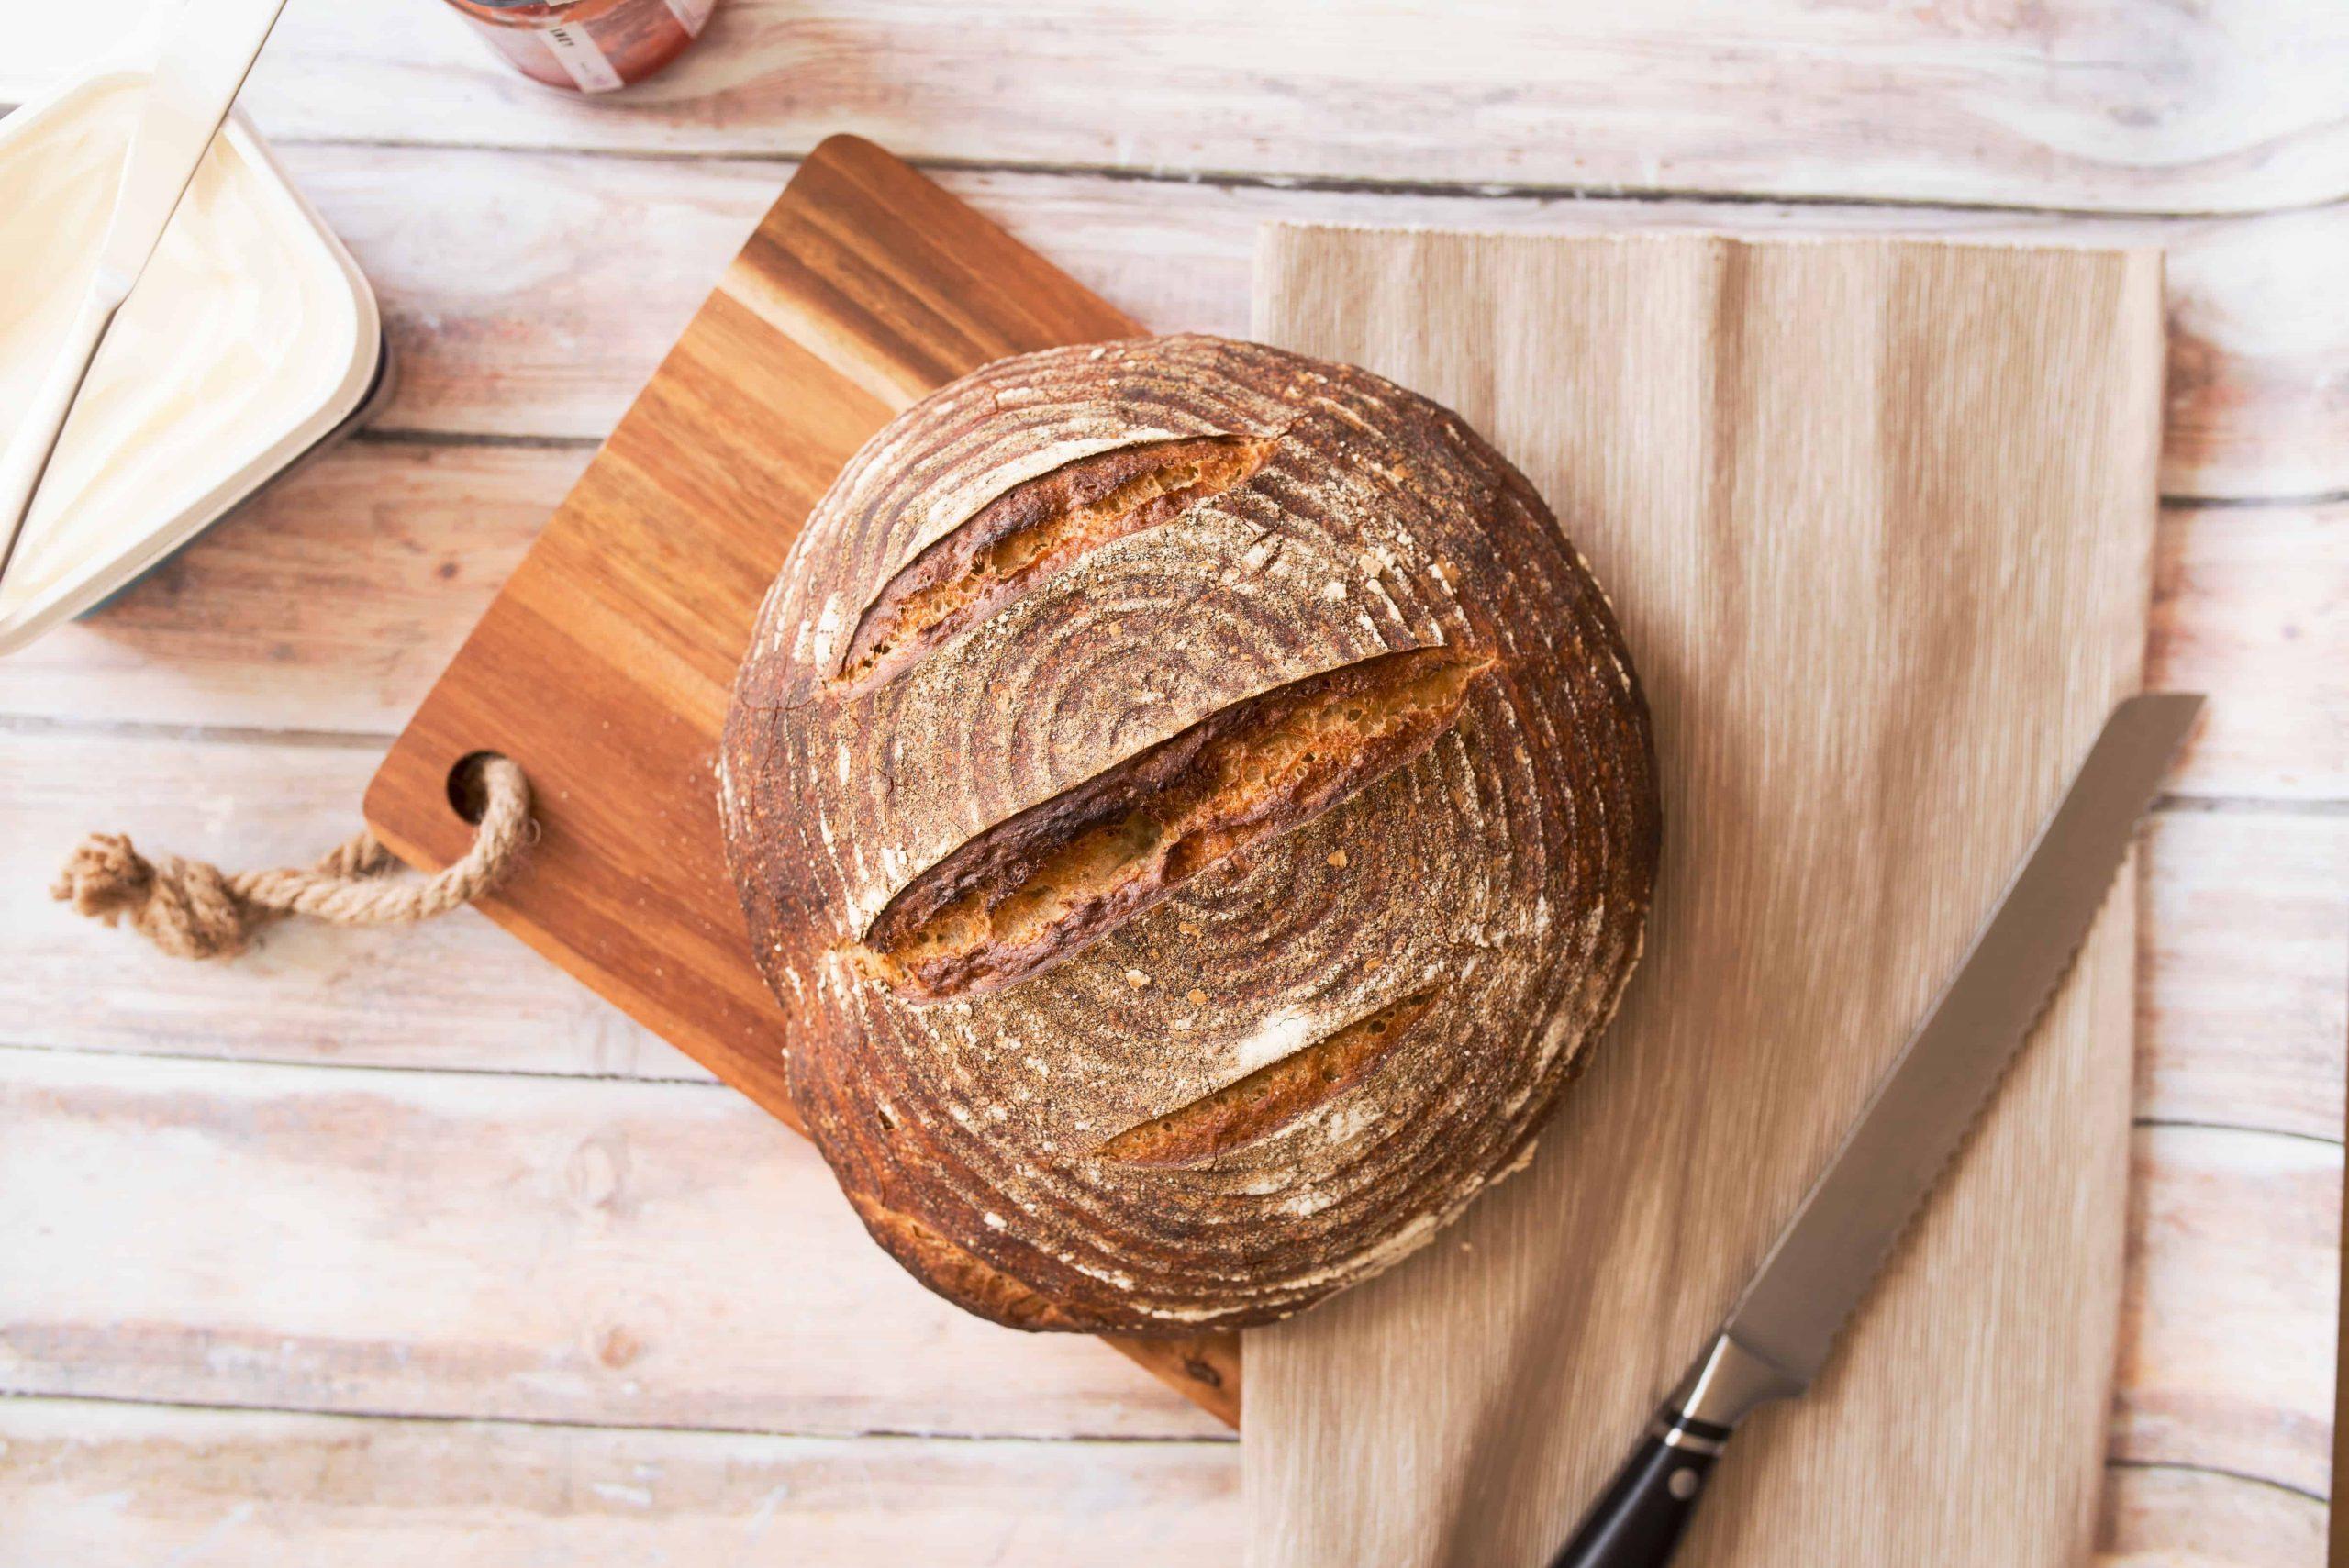 Brotmesser: Test & Empfehlungen (04/21)